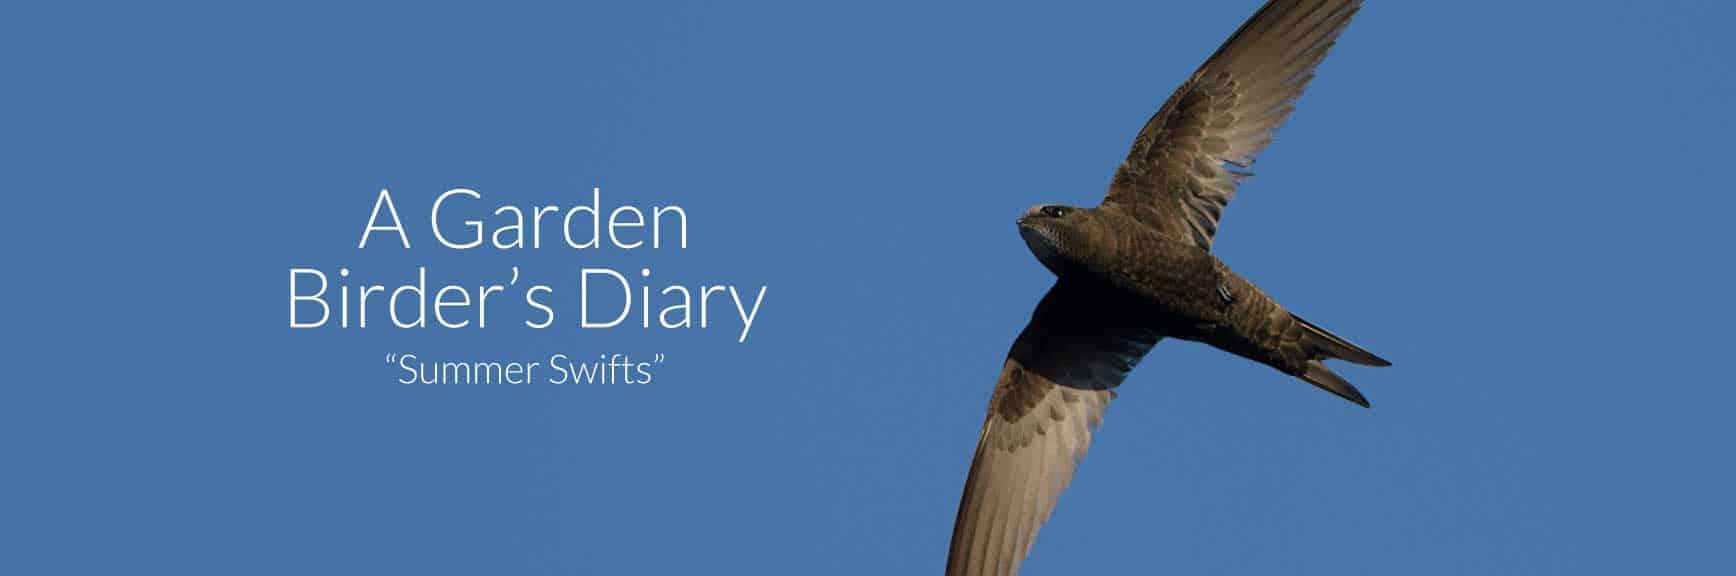 A Garden Birder's Diary: Summer Swifts